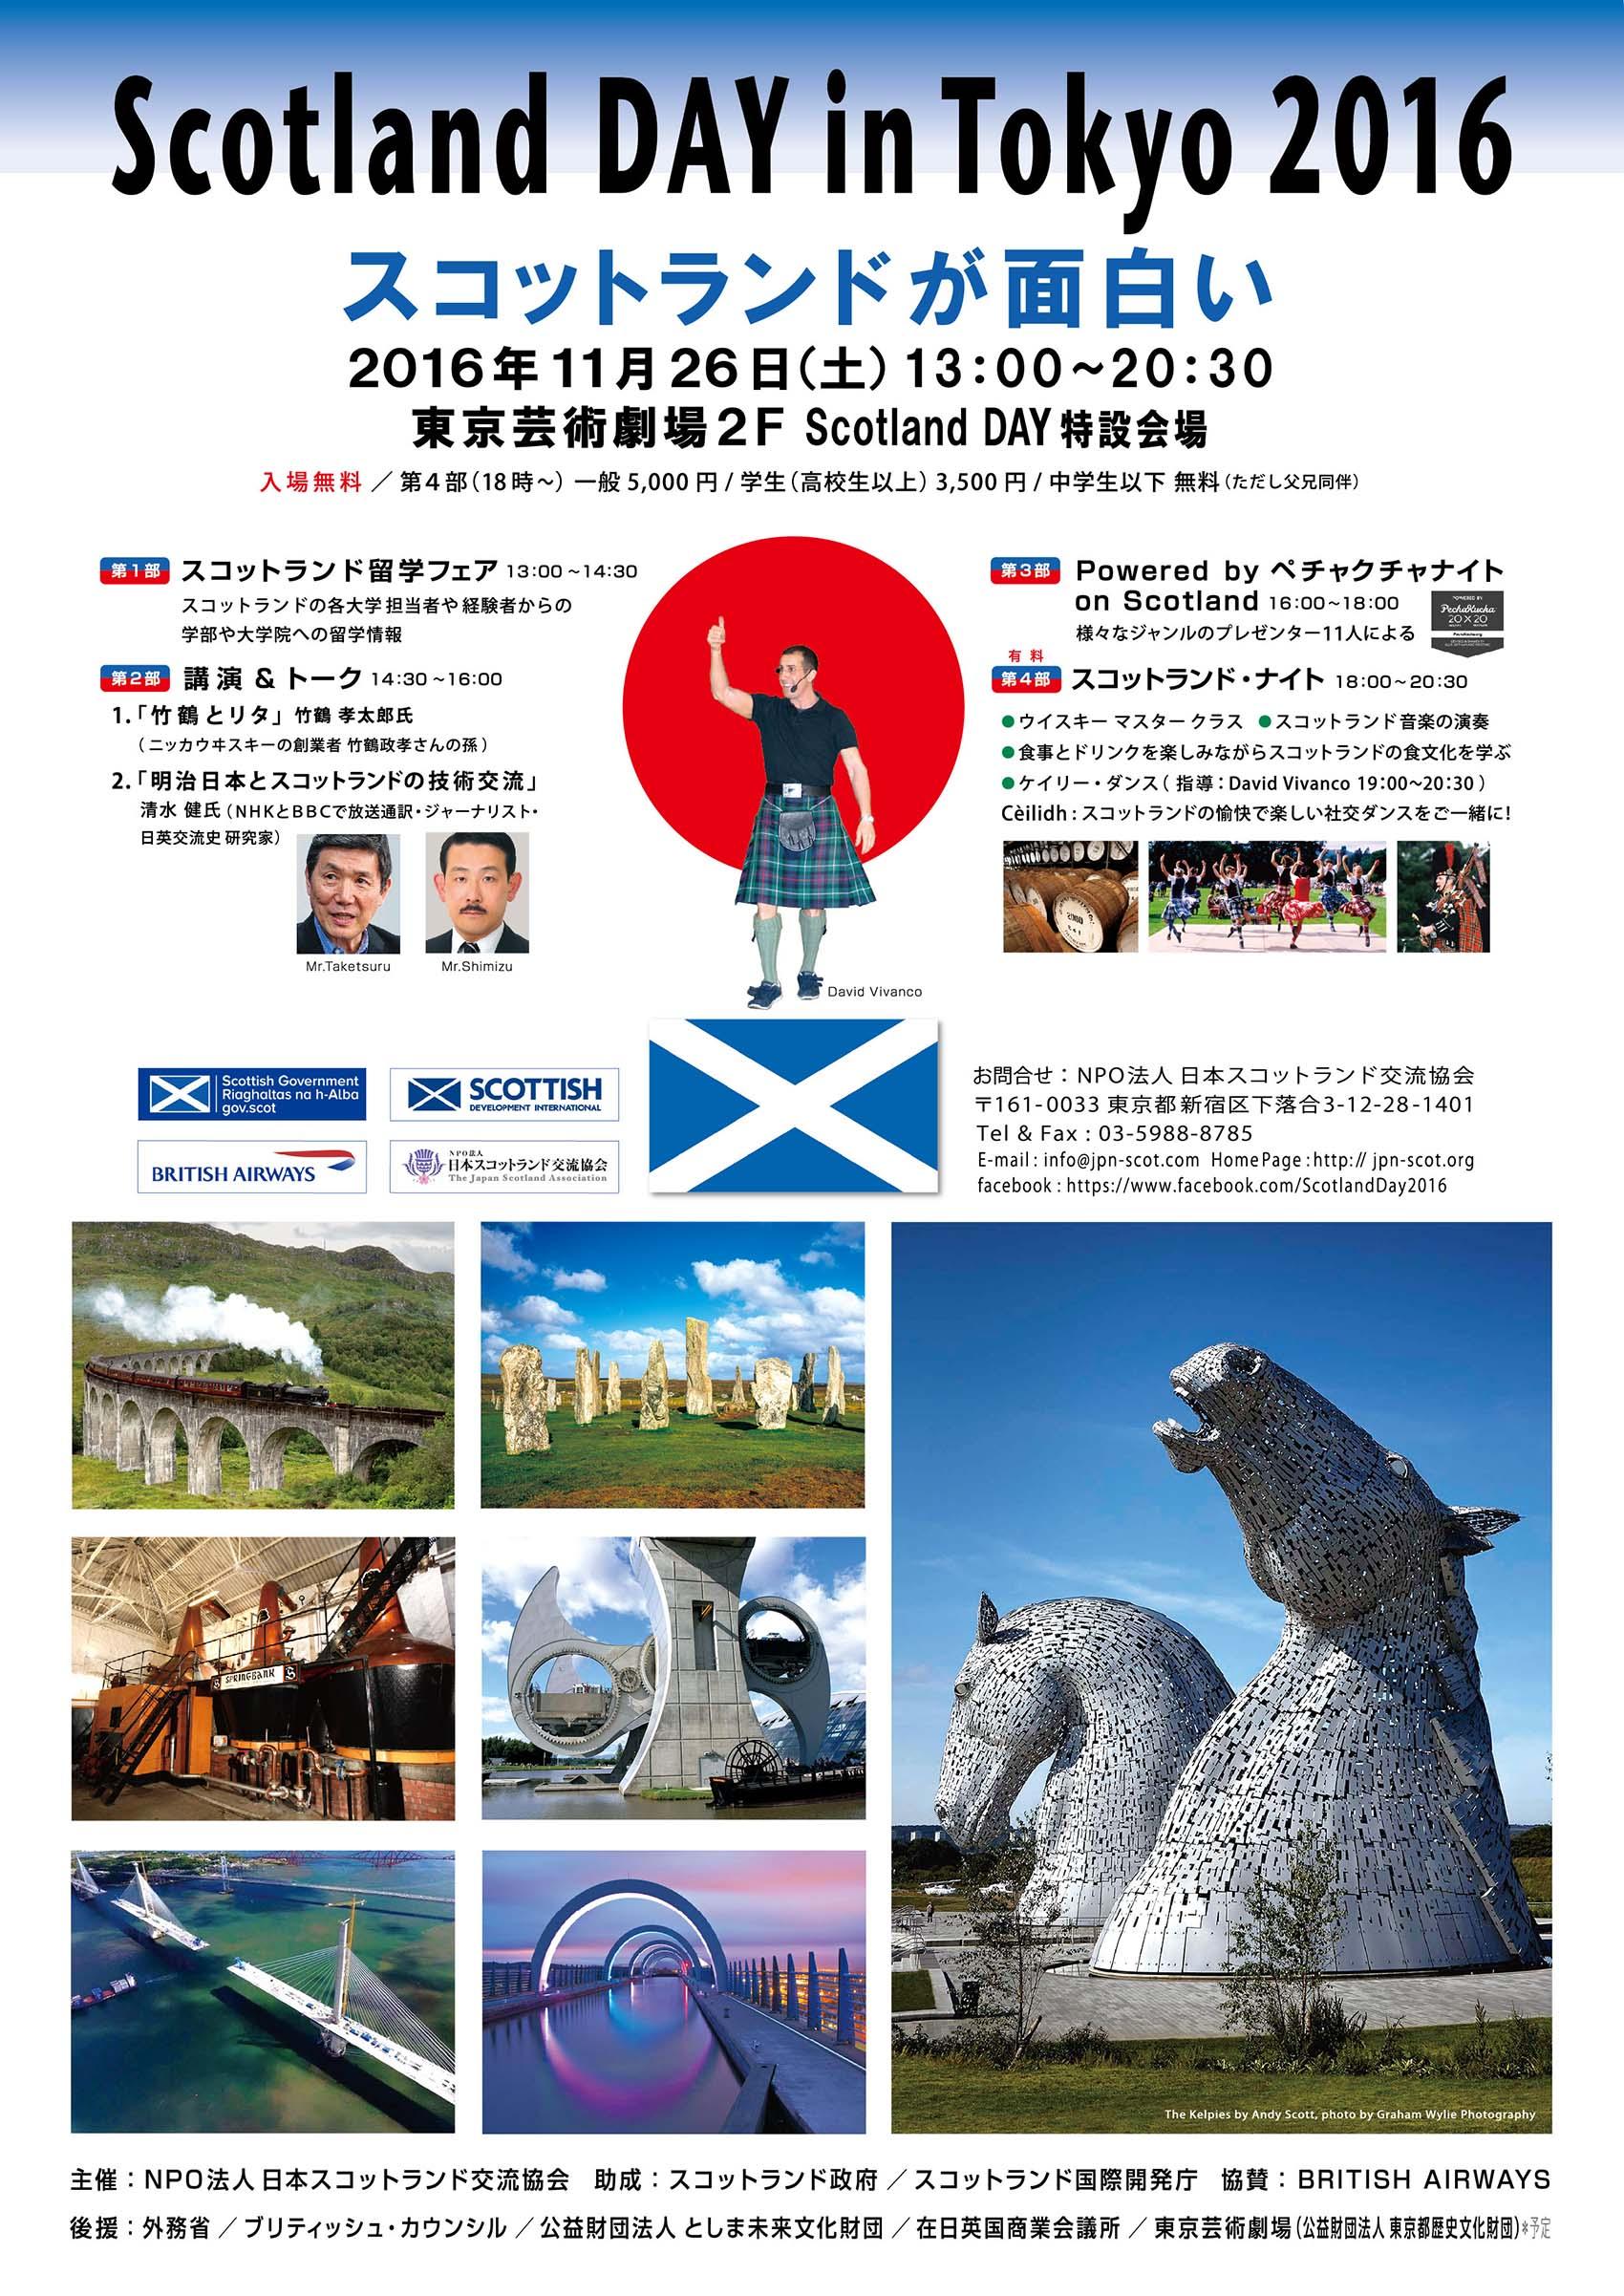 SDT2016-flyer.jpg